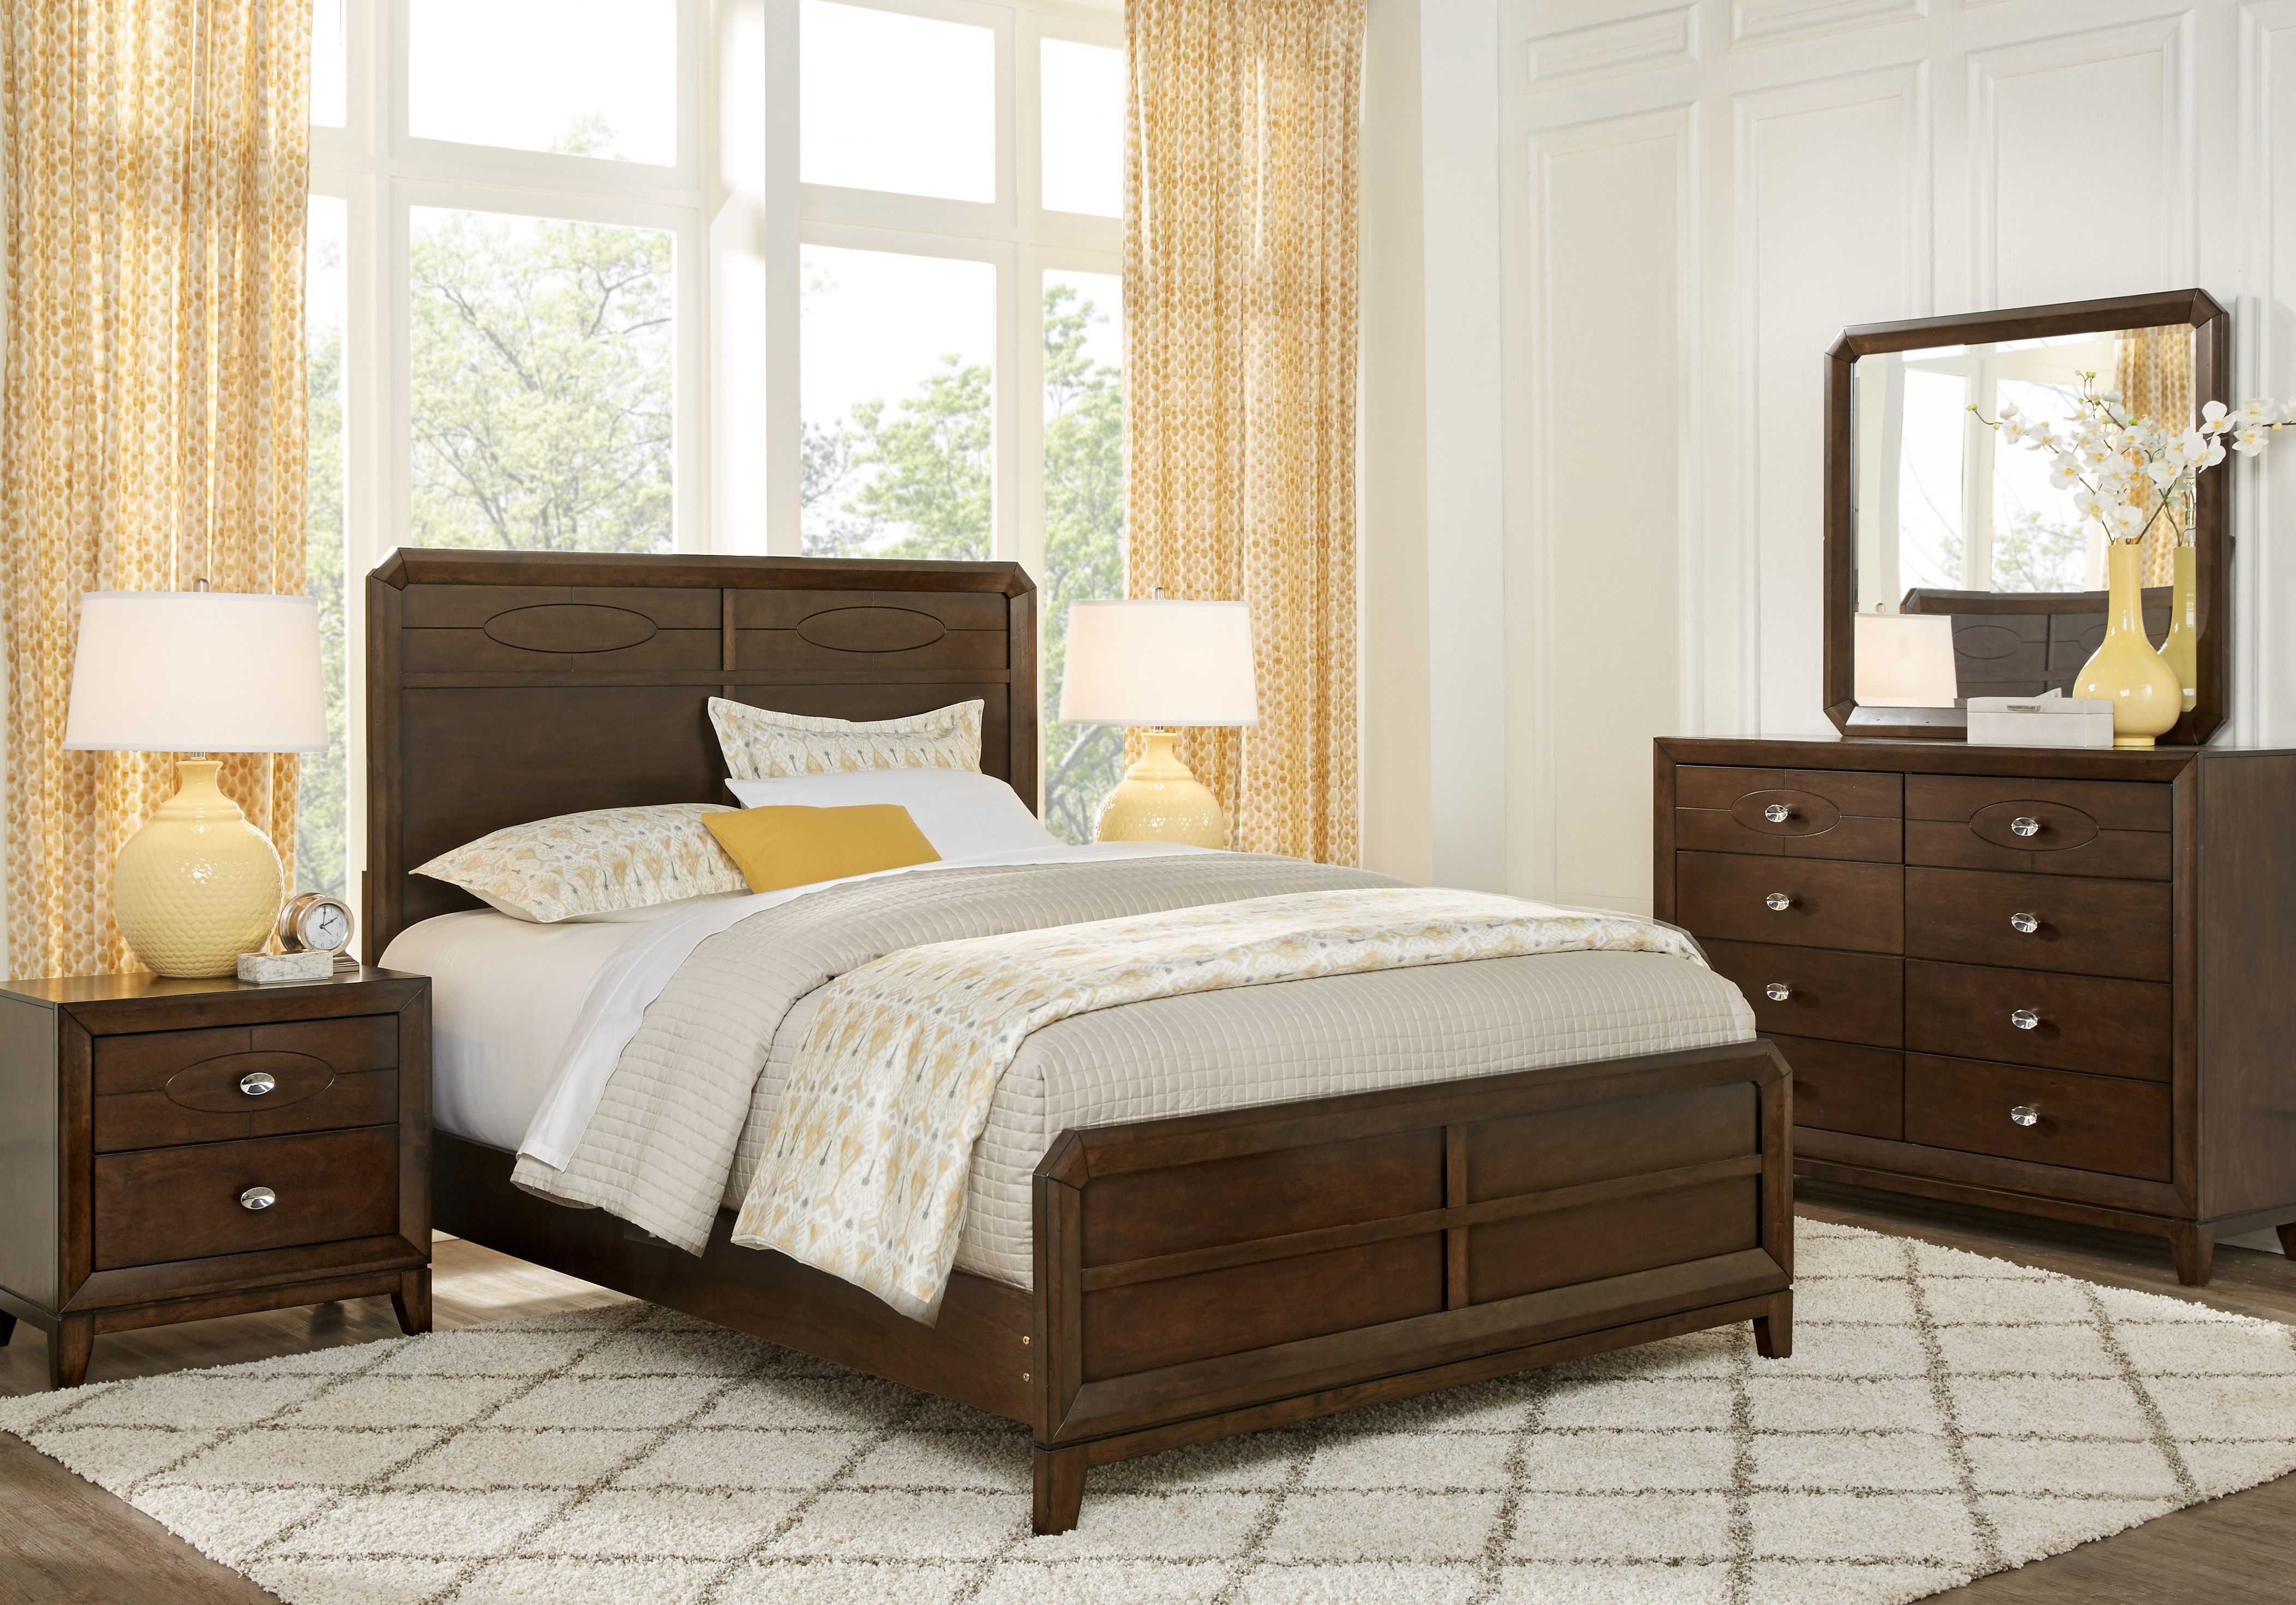 New Haven Merlot 7 Pc Queen Panel Bedroom Bedroom Sets King Size Bedroom Furniture Sets Discount Bedroom Furniture